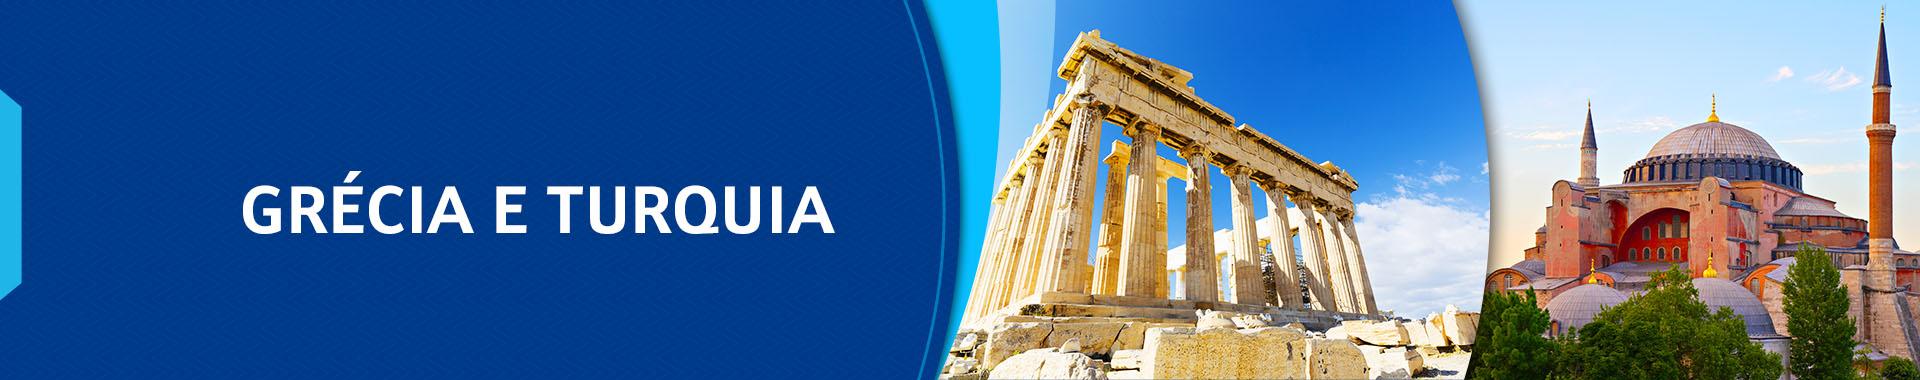 Roteiro de 27/05 – Grécia e Turquia (com Capadócia) – 14 dias – com Pe. Fabiano, Márcio Mendes e Rose Mary